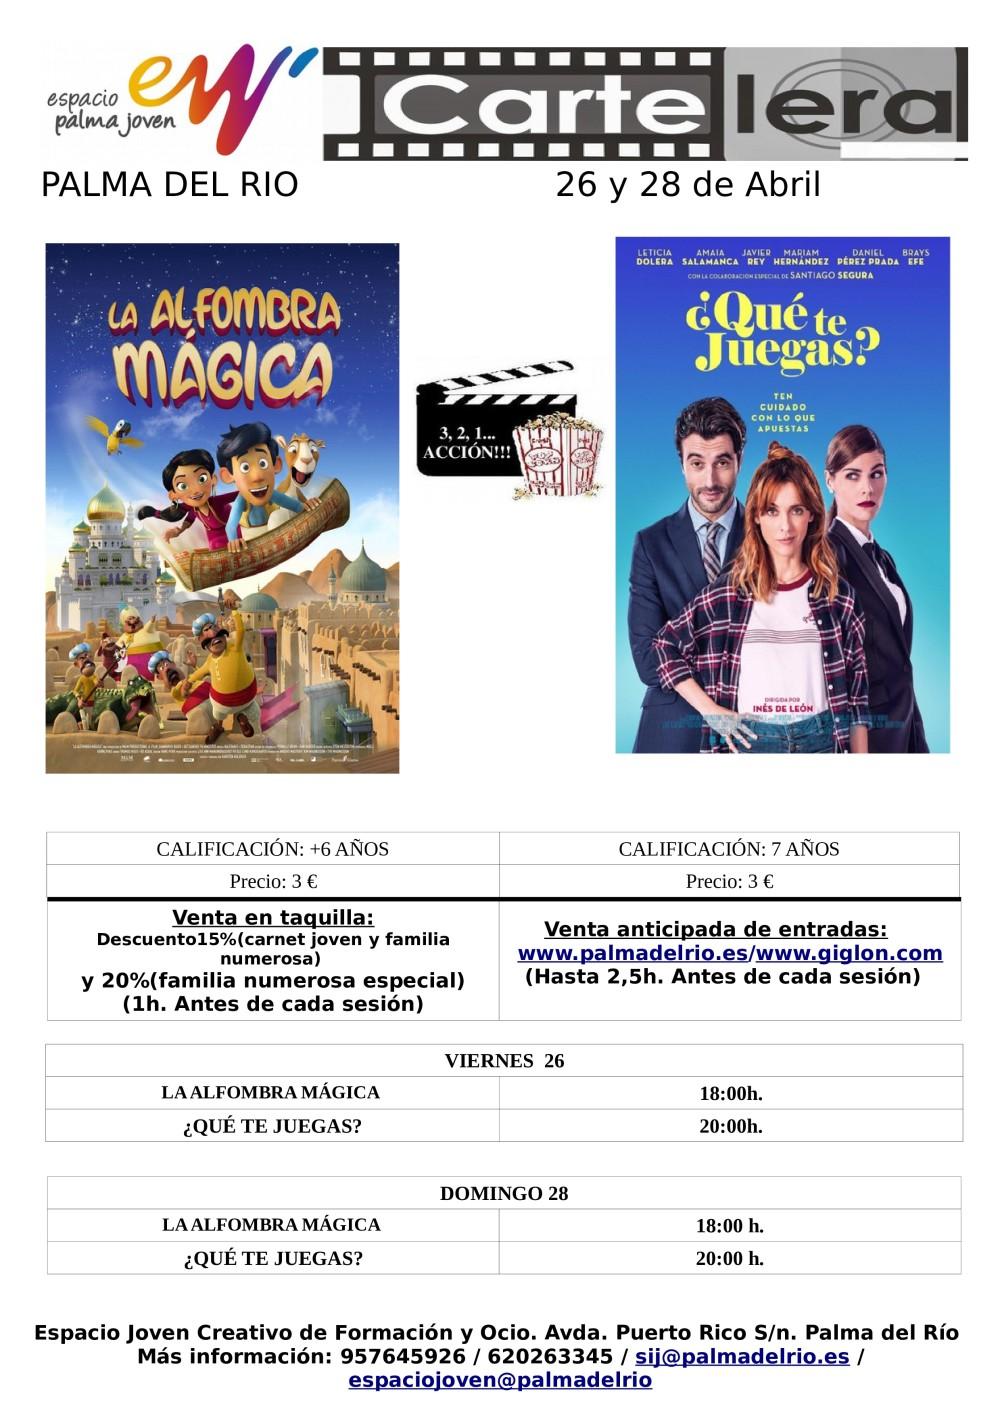 https://www.palmadelrio.es/sites/default/files/cine_26.27.28_abril_2019.jpg